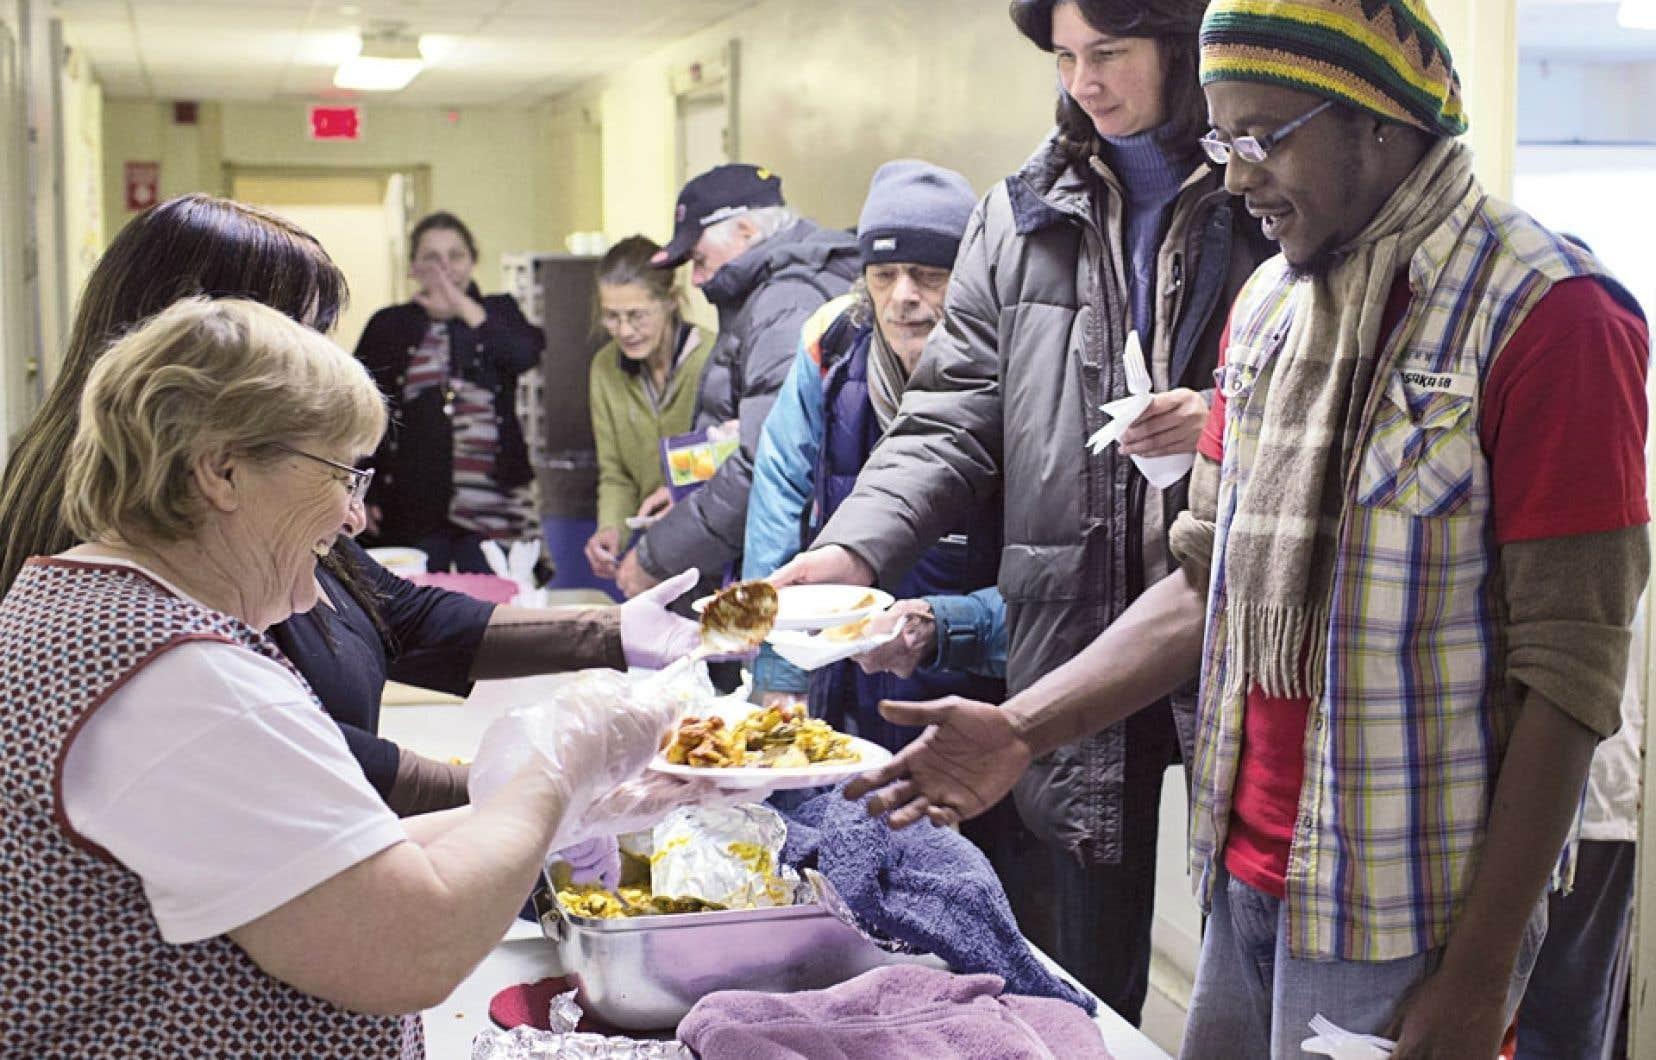 « C'est pas pour rien qu'on organise des soupers collectifs avec des petites conférences, affirme Solange Laliberté, bénévole à l'Association pour la défense des droits sociaux du Montréal métropolitain. C'est pour leur permettre d'avoir un bon repas. »